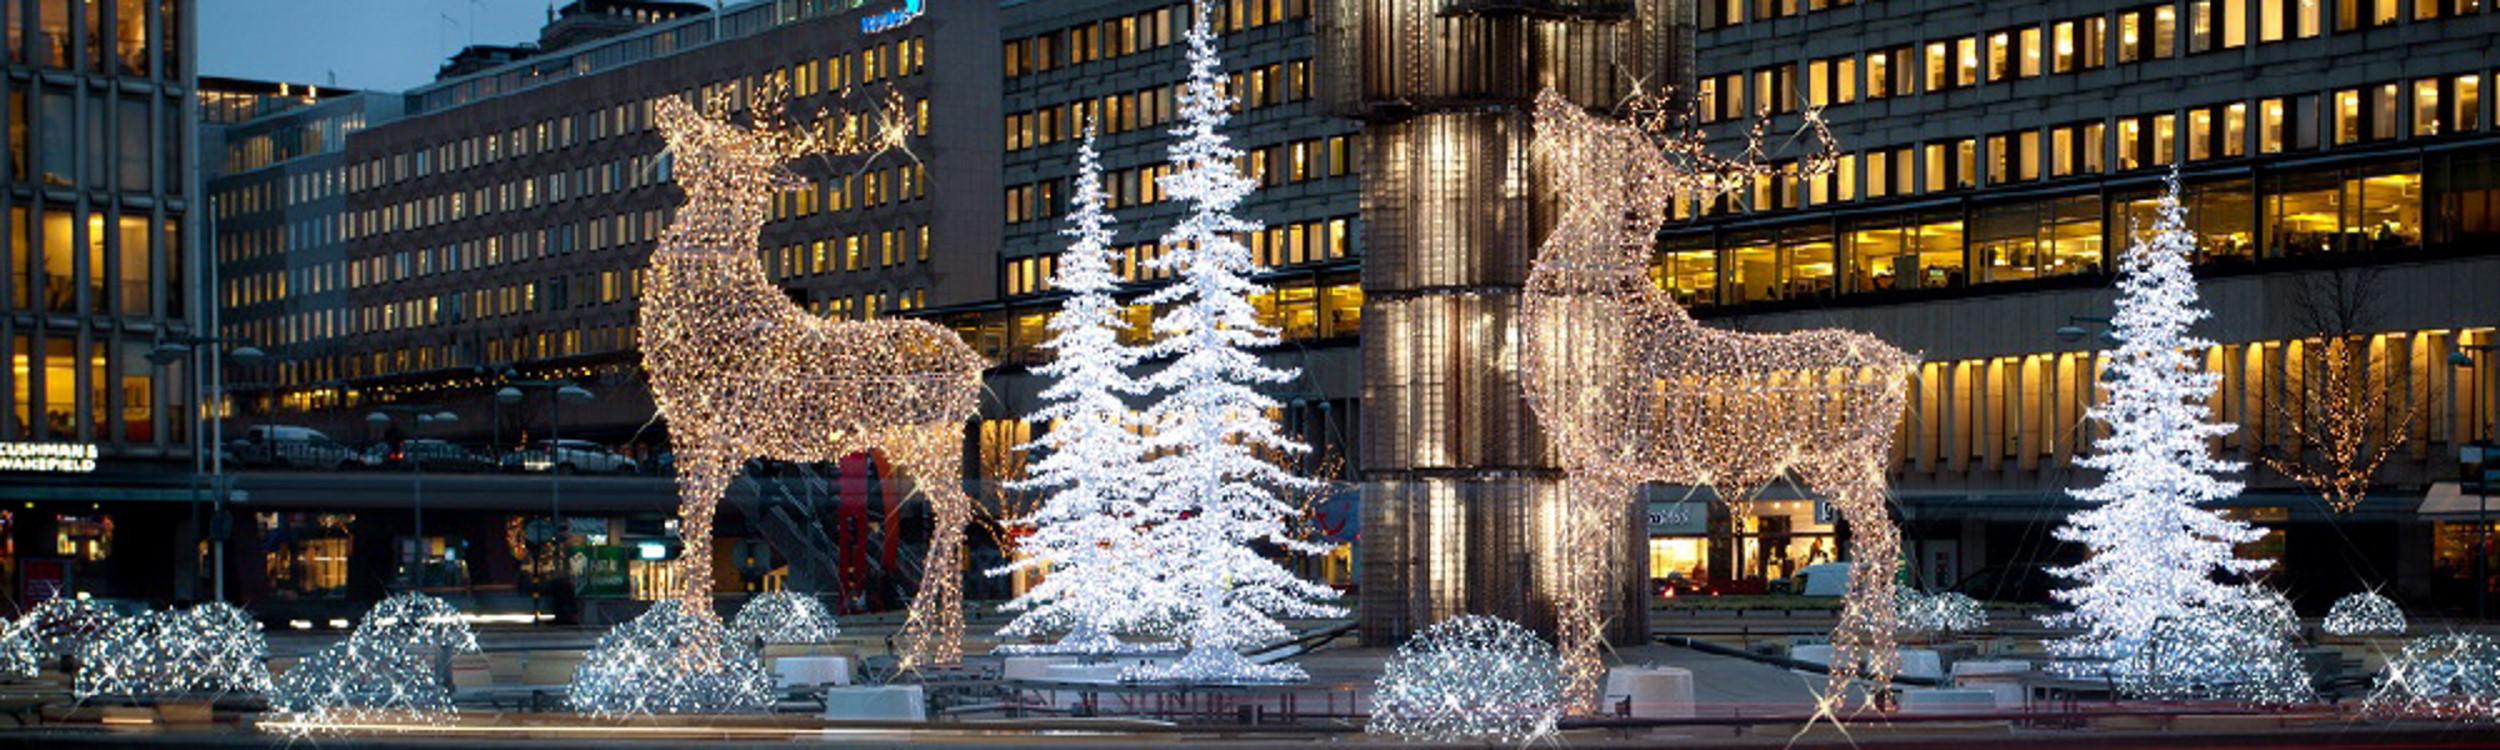 neon-nagel_inhalts-slider_weihnachten1